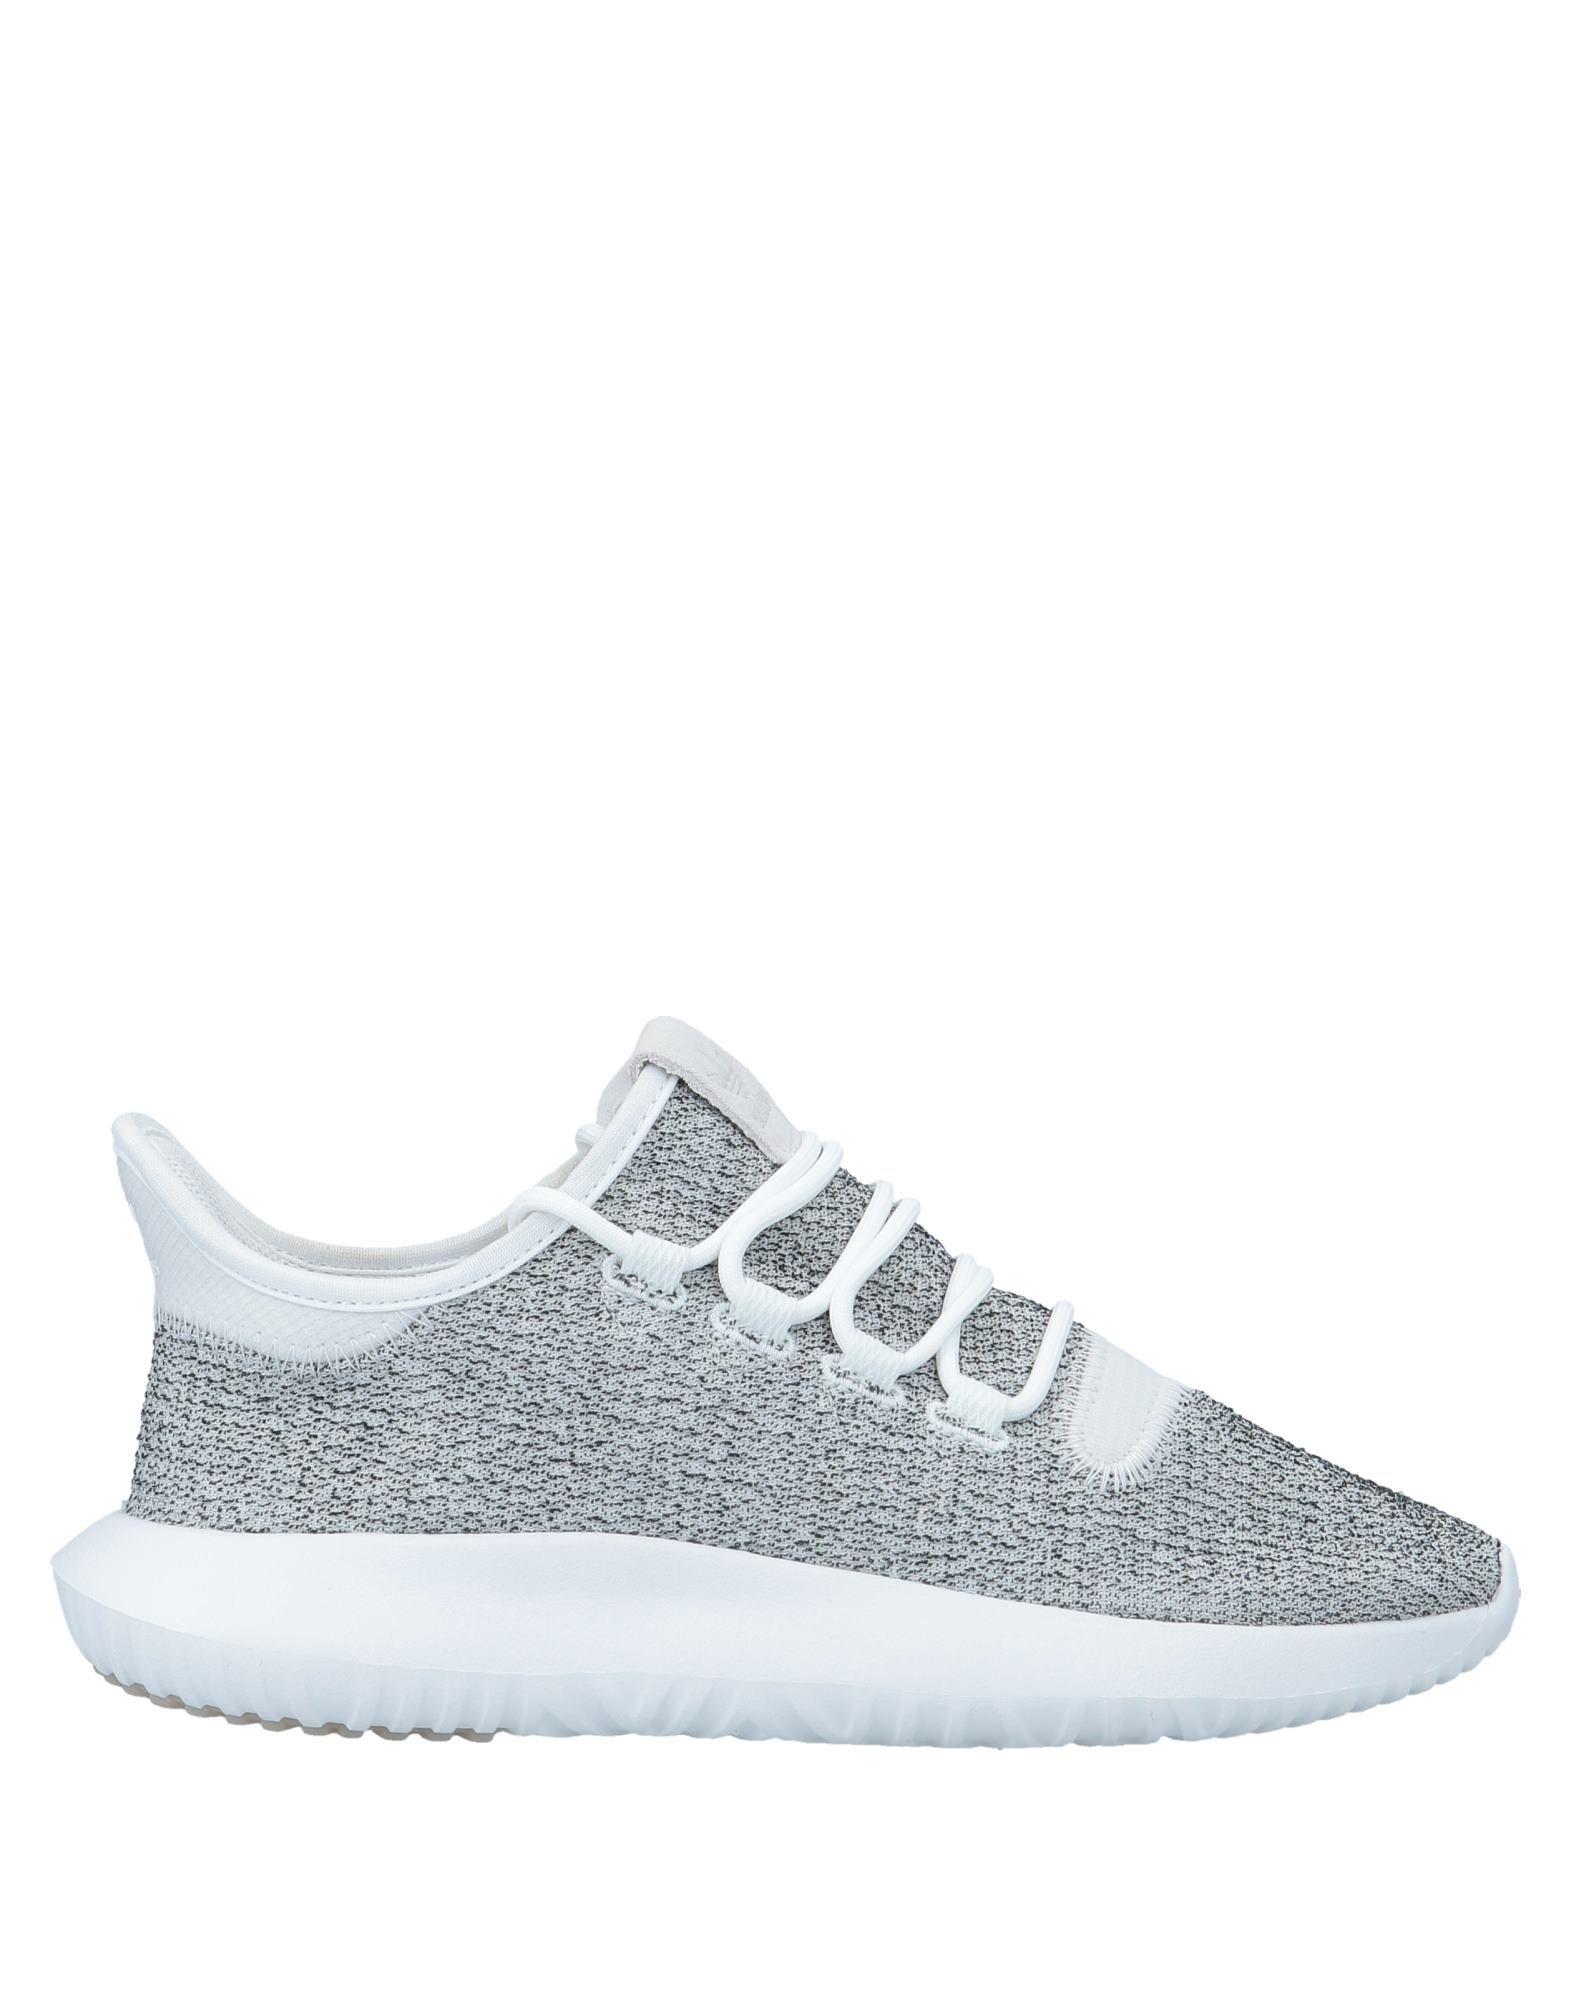 ADIDAS ORIGINALS Низкие кеды и кроссовки кроссовки adidas 2013 g96879